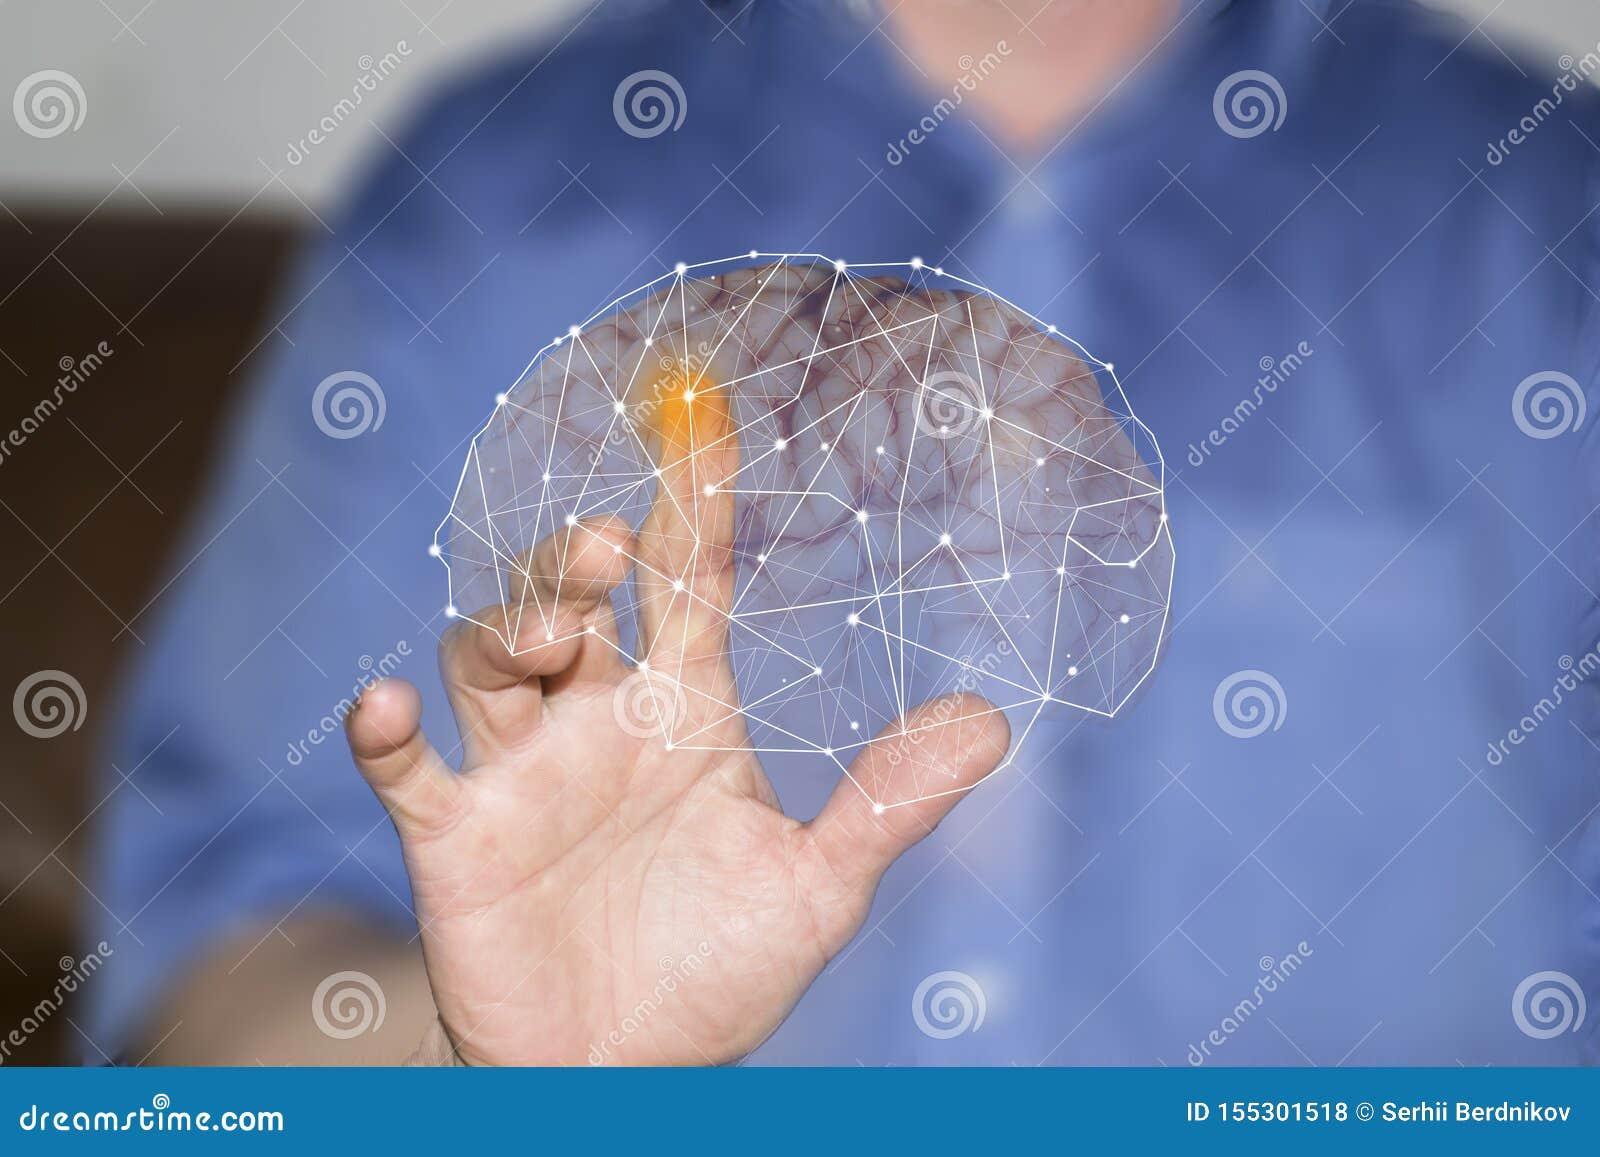 Símbolos de la mano y de los órganos humanos en las pantallas virtuales